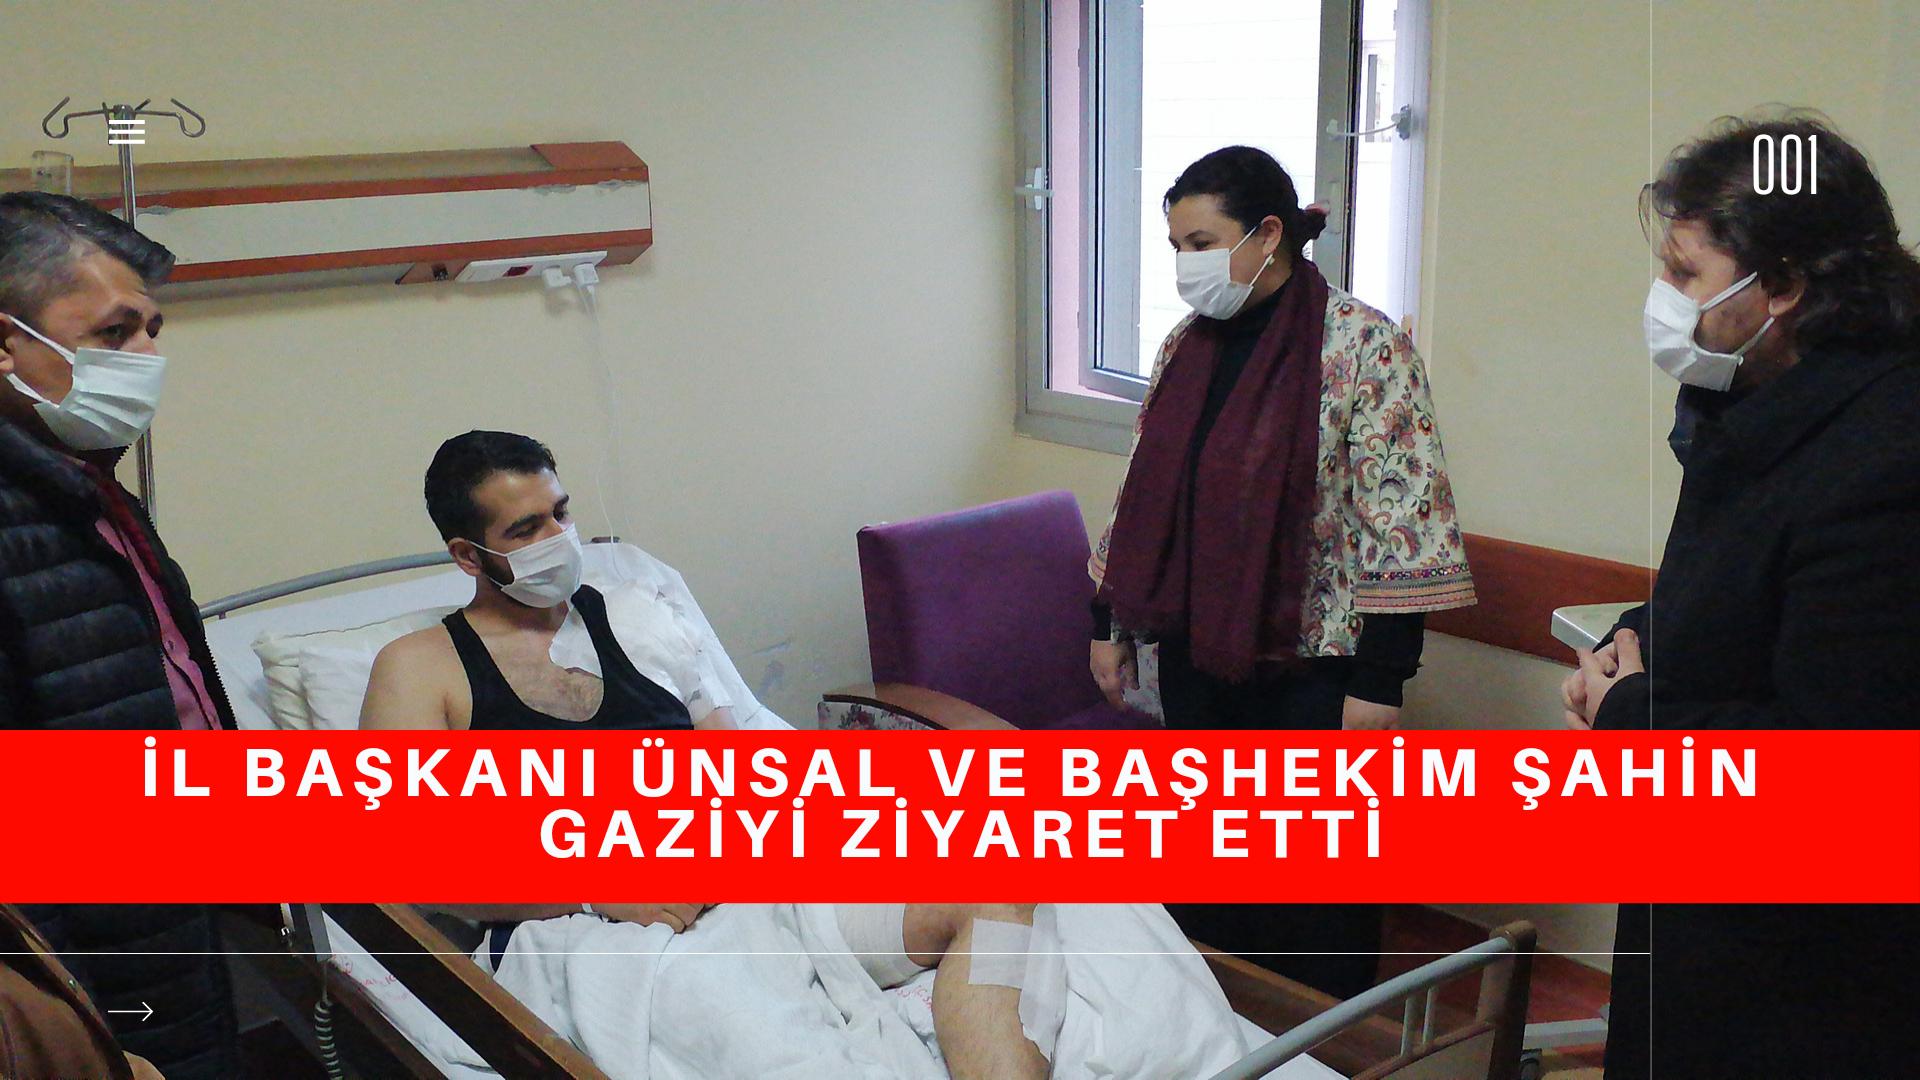 Ameliyat olan gaziyi İl Başkanı Ünsal ve Başhekim Şahin ziyaret etti